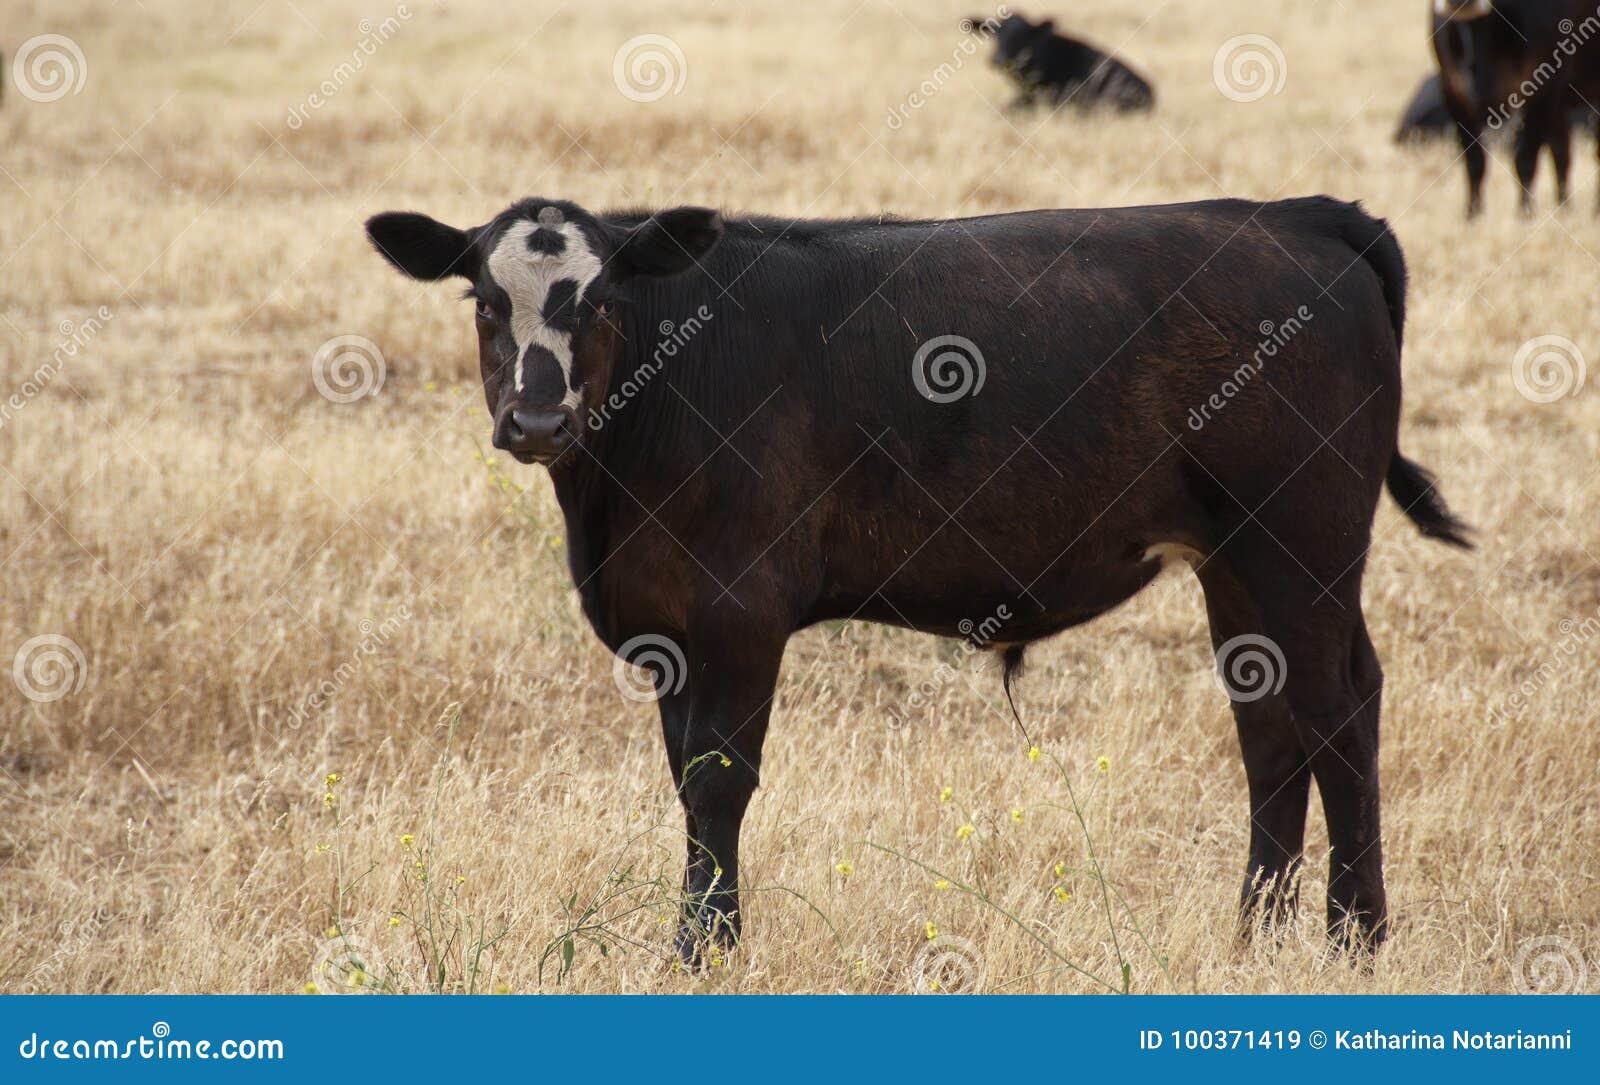 Baldy Calf